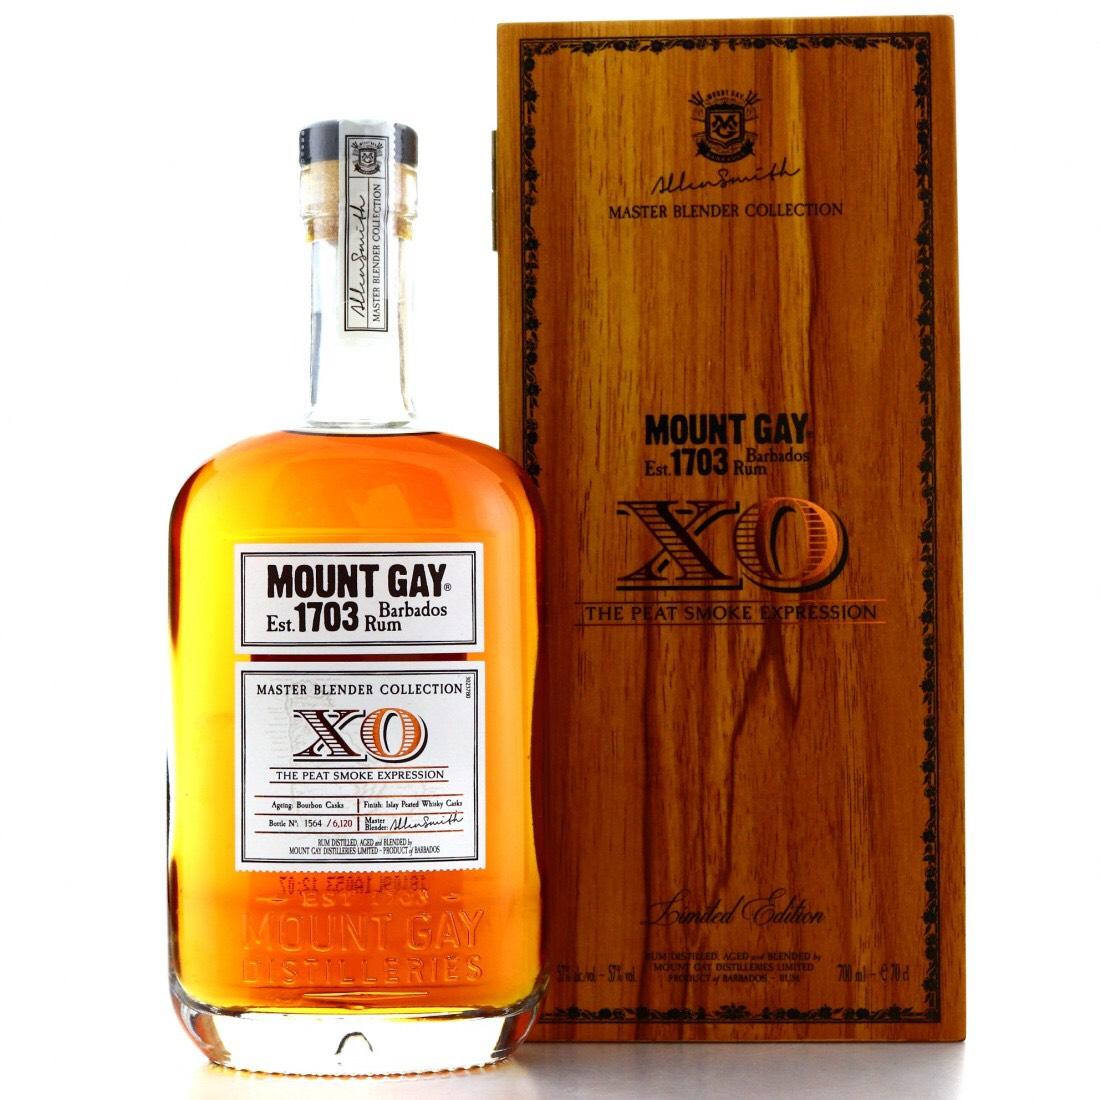 Bottle image of Extra Old XO Peat Smoke Expression